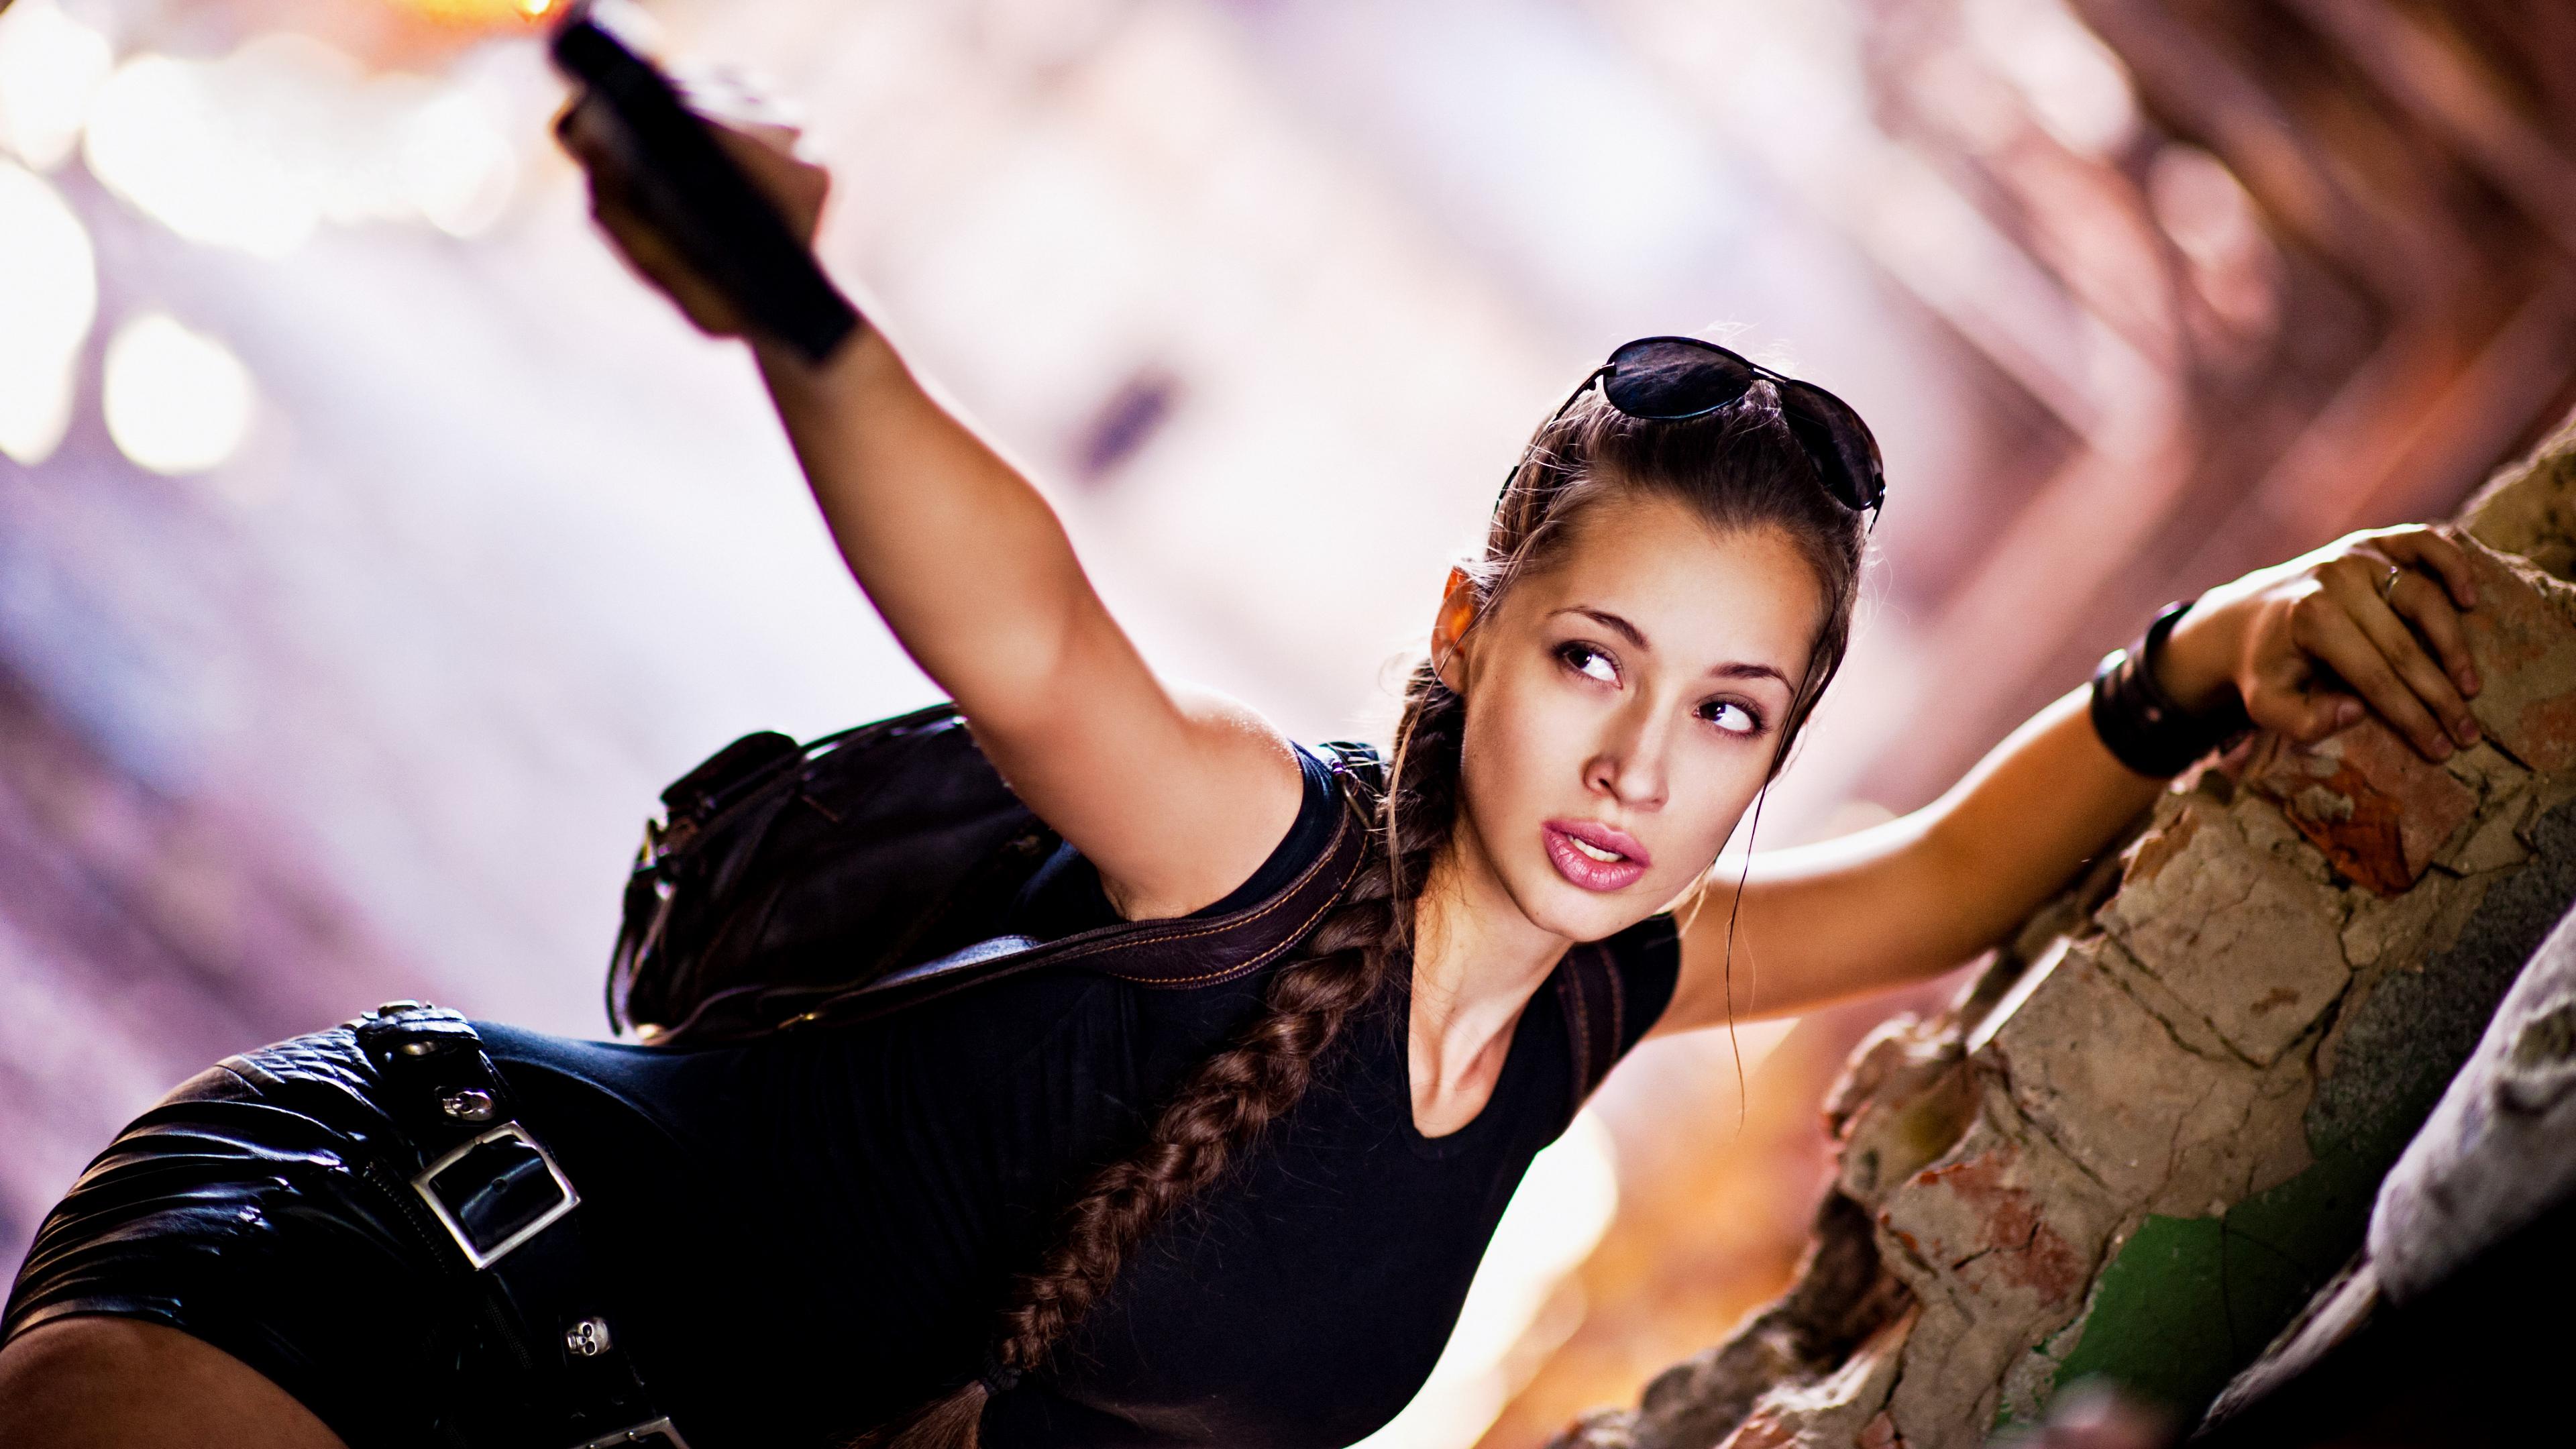 Фотографии Лара Крофт косички Косплей боке Девушки рука Очки Взгляд 3840x2160 косы Коса Размытый фон девушка молодые женщины молодая женщина Руки очках очков смотрят смотрит